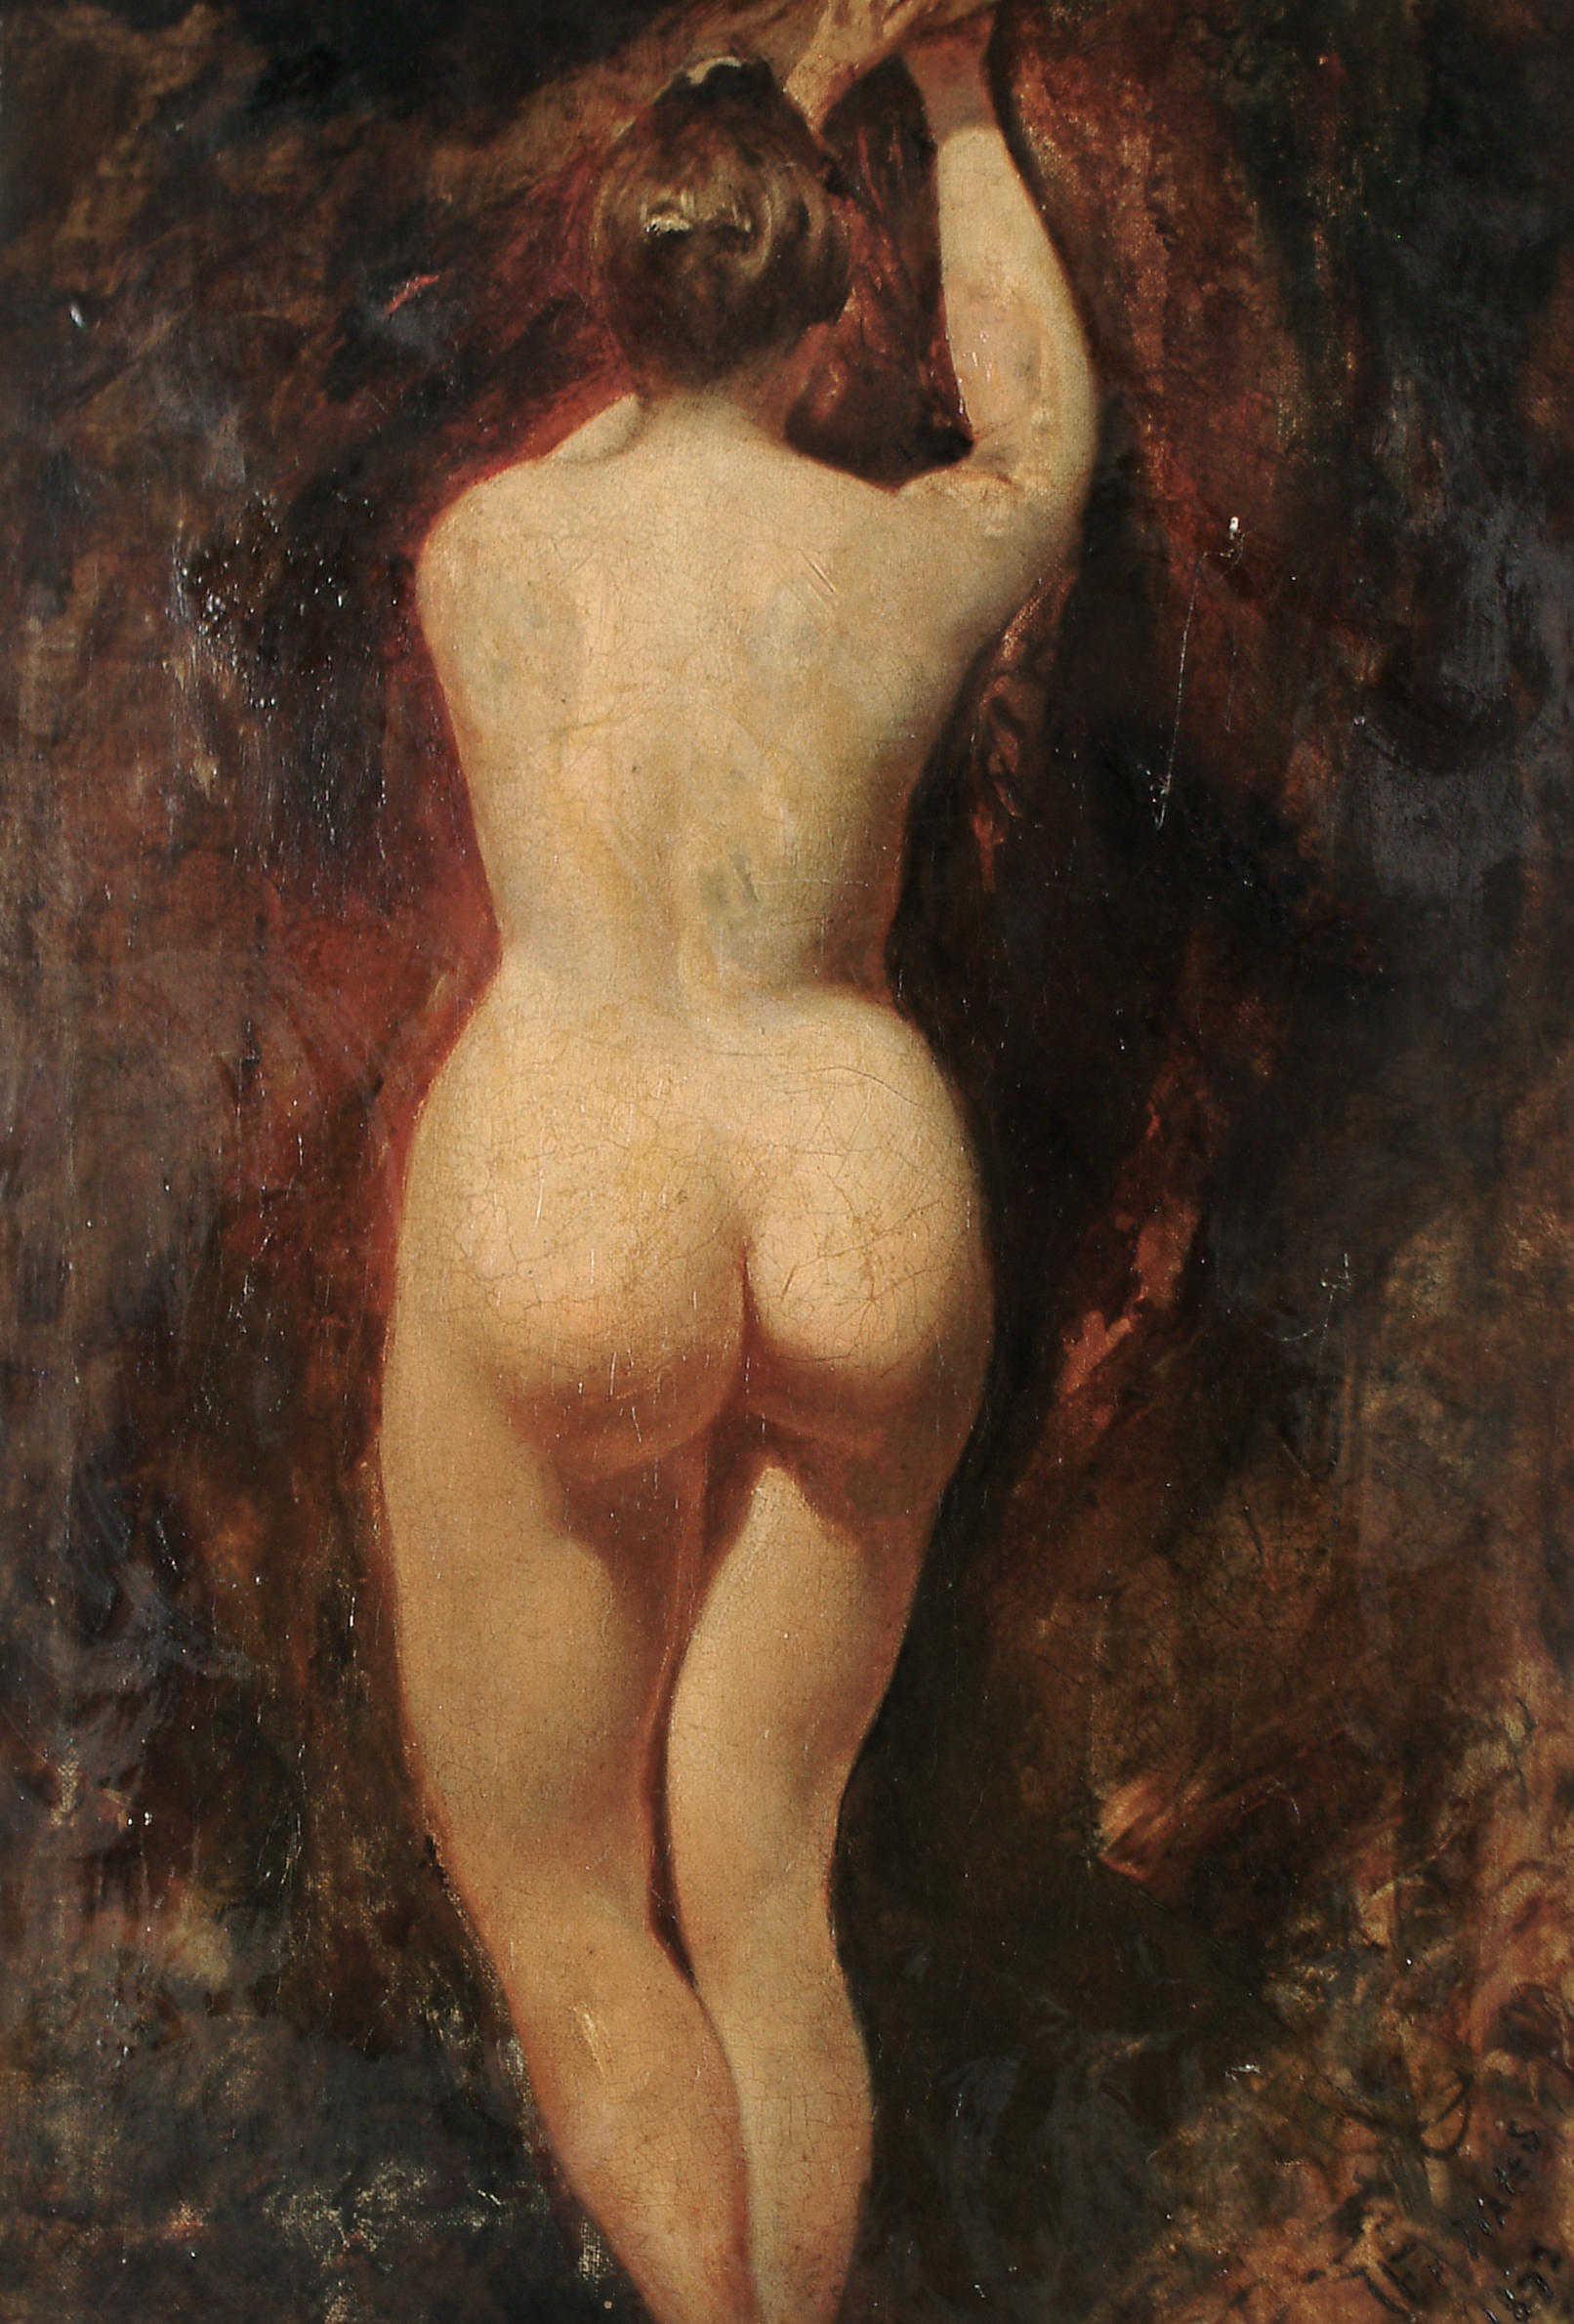 William Etty, 1787-1849. Этюд обнаженной. 50 x 36 см. частная коллекция